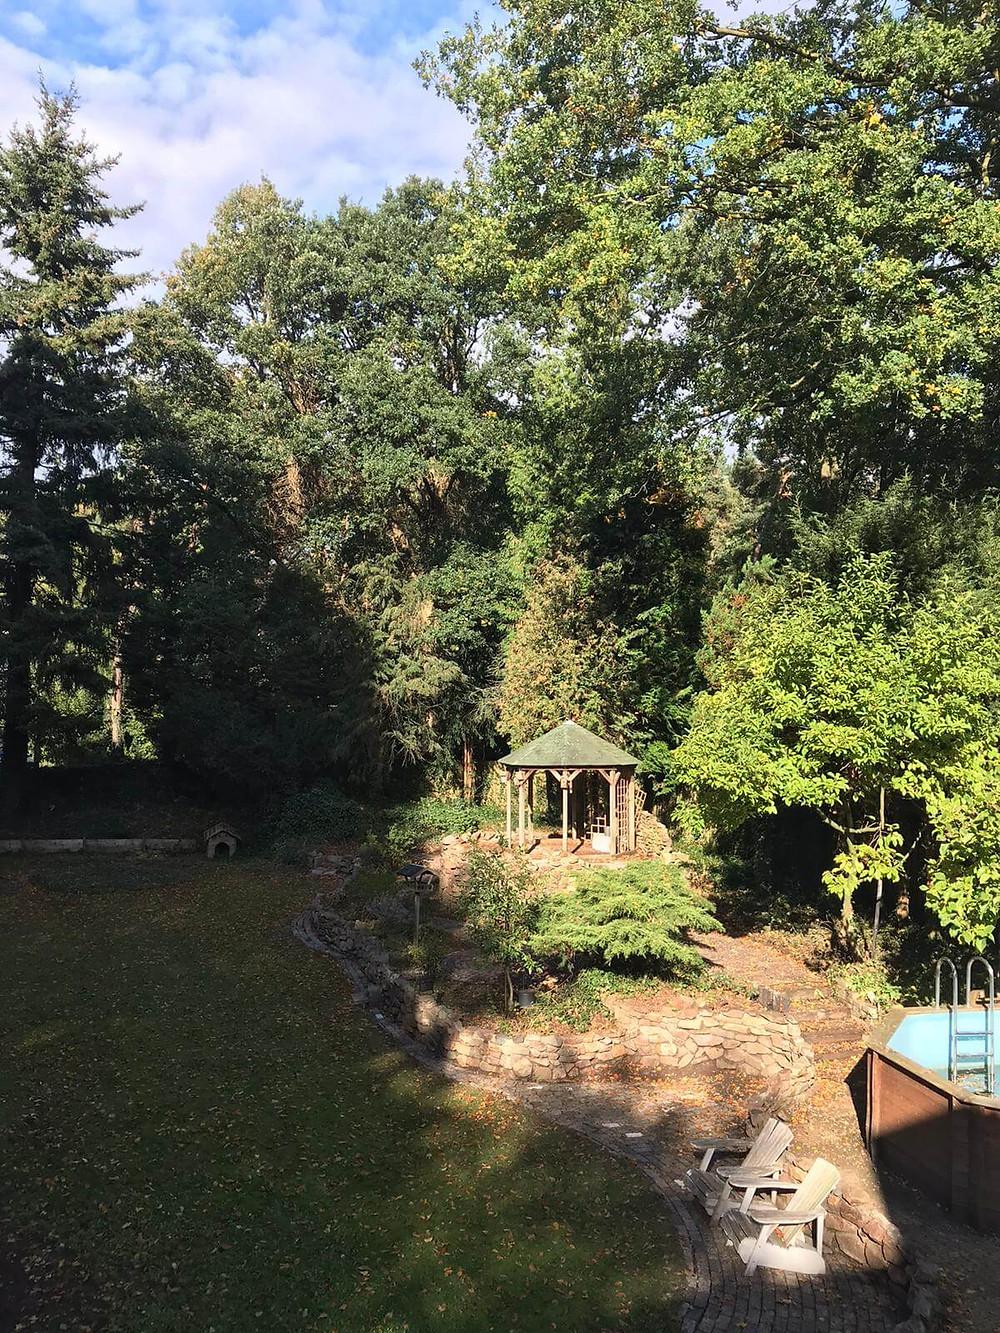 wij onderhouden de tuin, snoeien de bomen en struiken, en dekken uw wellness faciliteiten af. Ook voor technisch beheer en schoonmaak bent u bij ons aan het juiste adres.